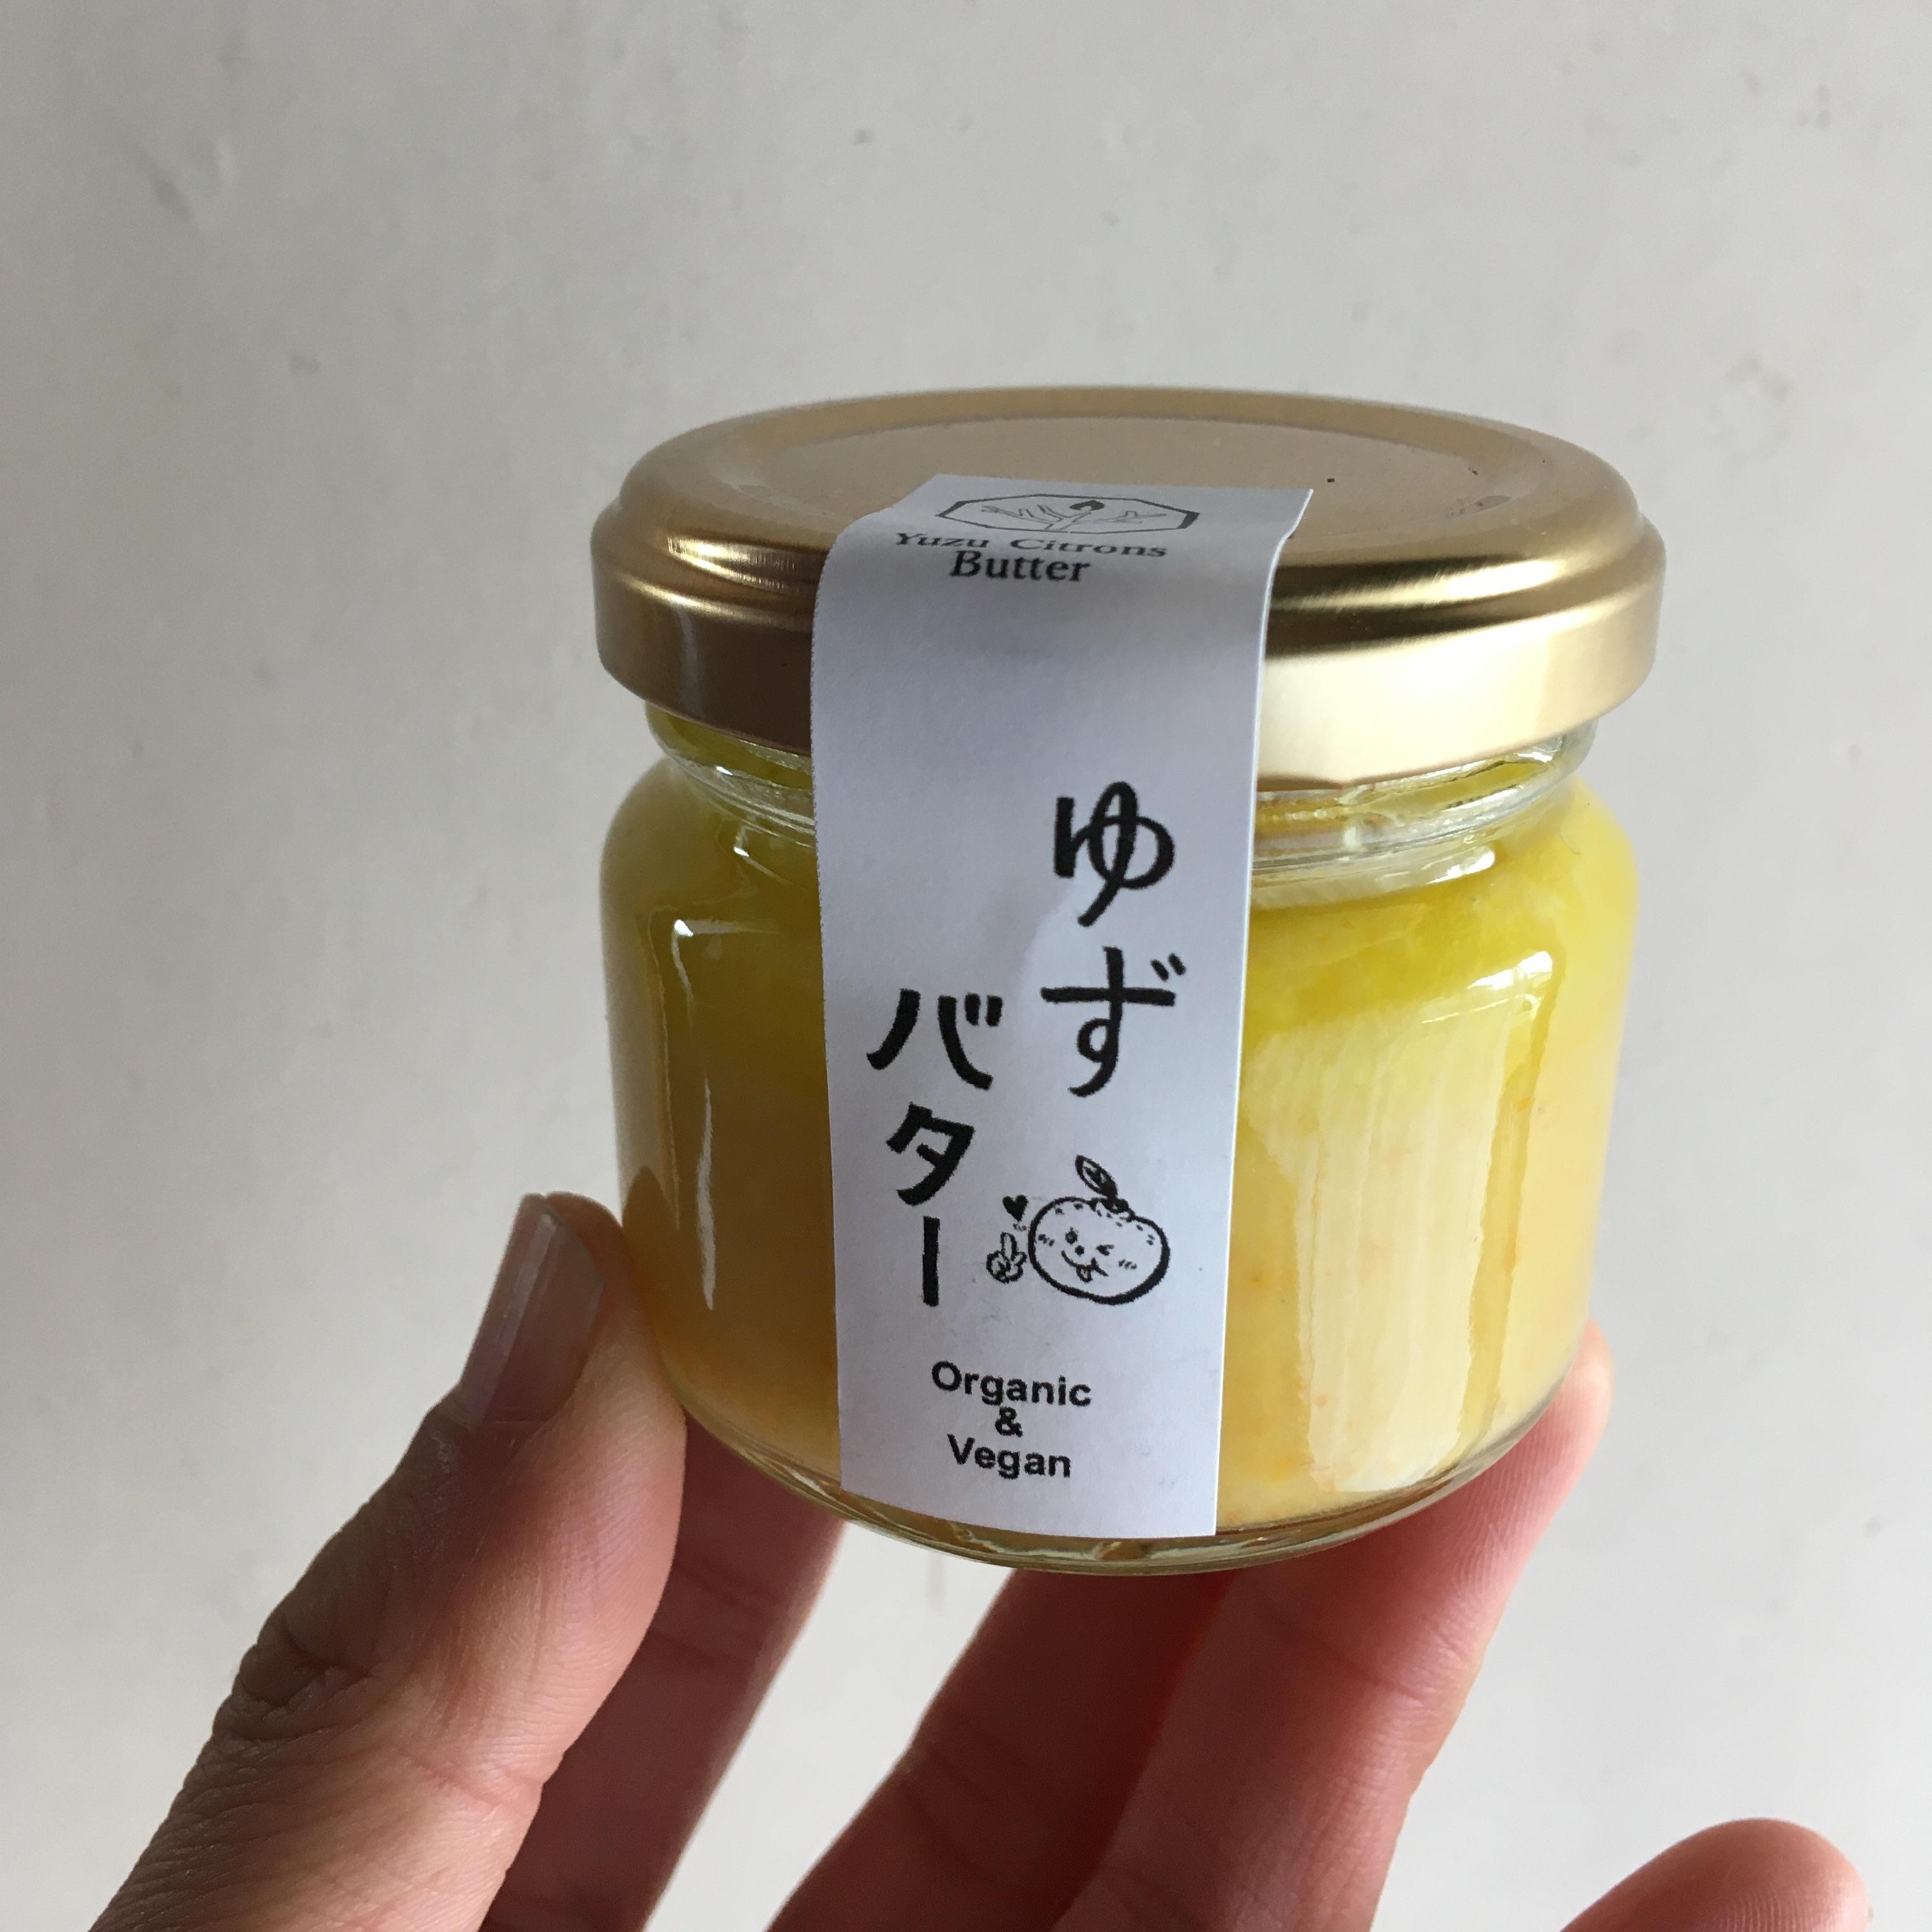 ゆずバター - 画像1